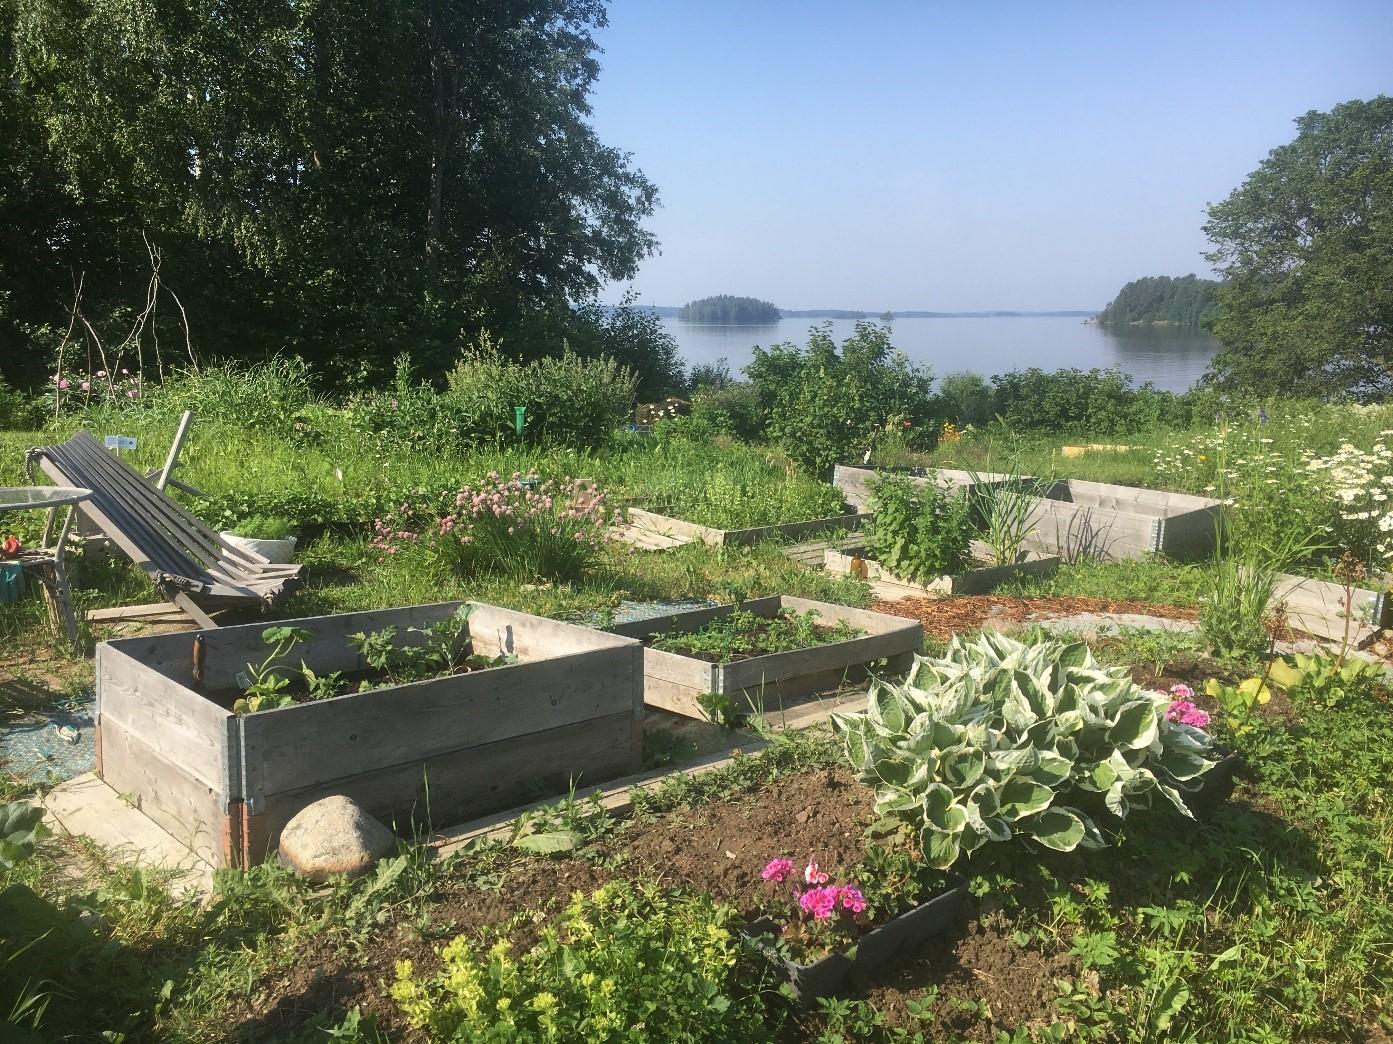 Palstaviljelmä, kasvatuslaatikoita, vehreän kesäinen maisema.